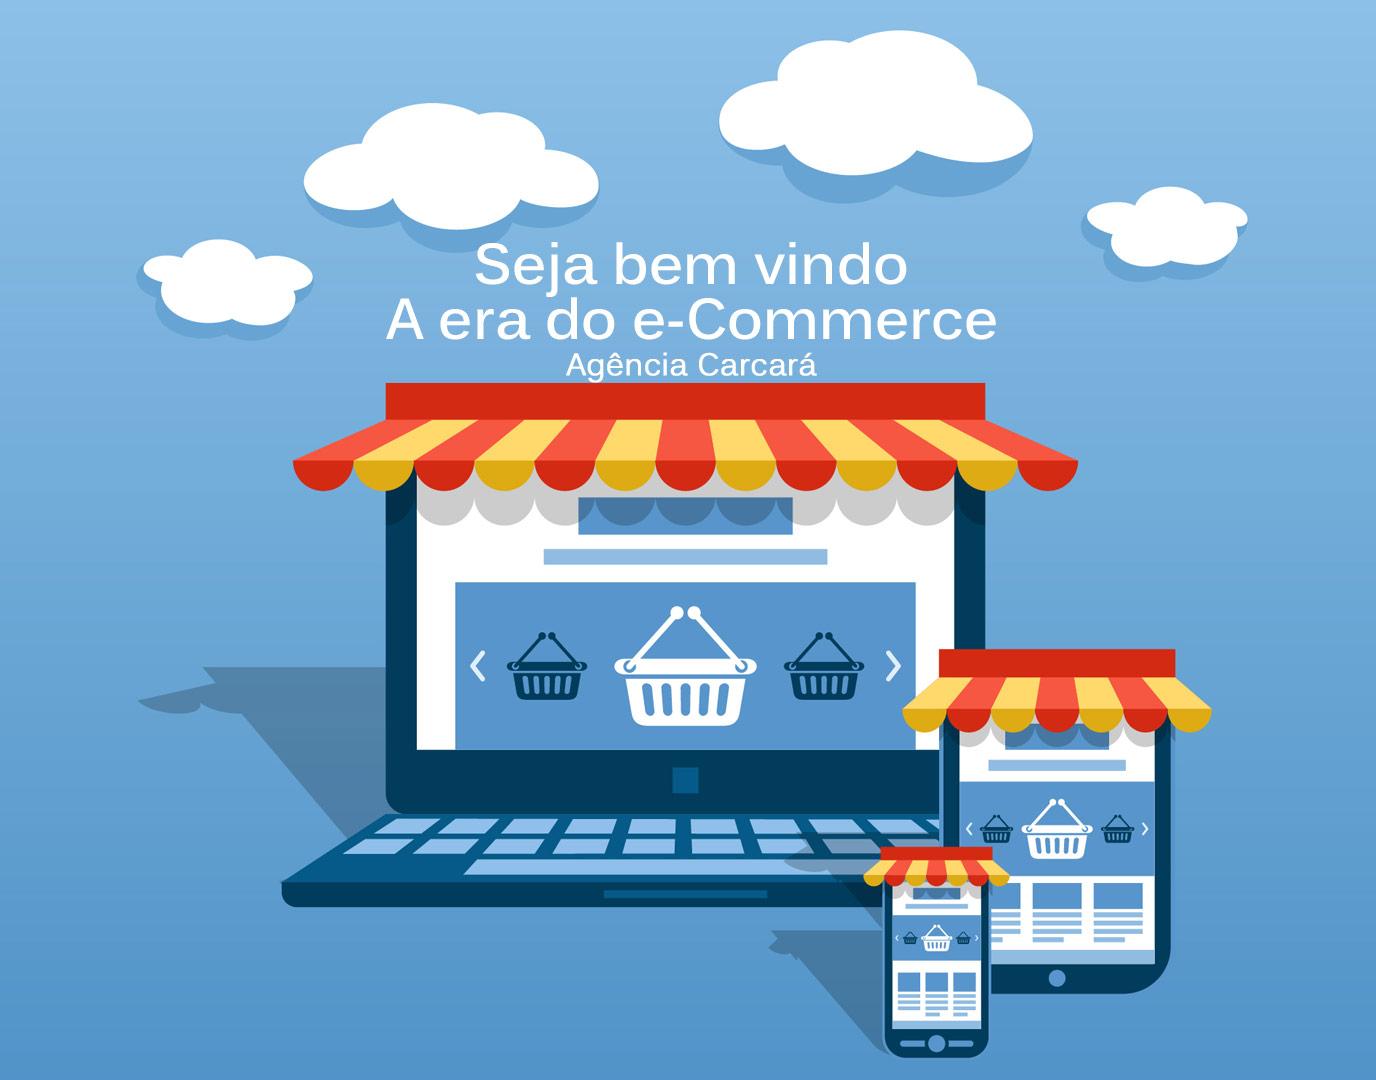 palestra-ecommerce-agencia-carcara-correios-df3